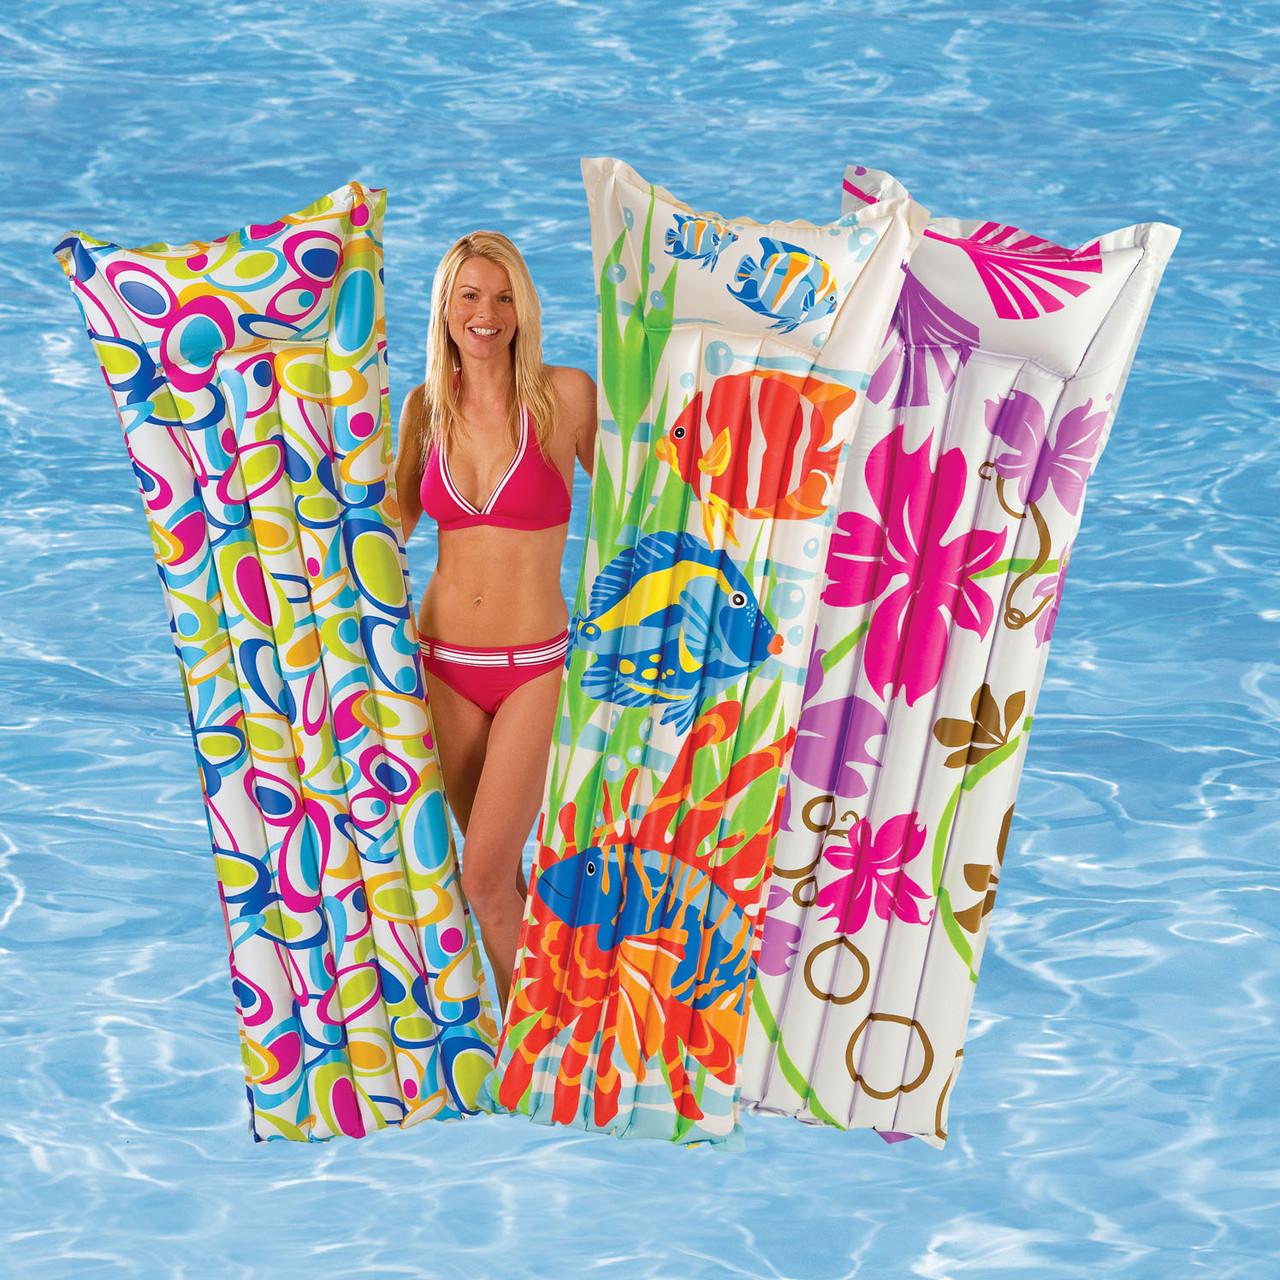 Надувной матраc The Wet Set (183 см) Intex 59720 - фото 1